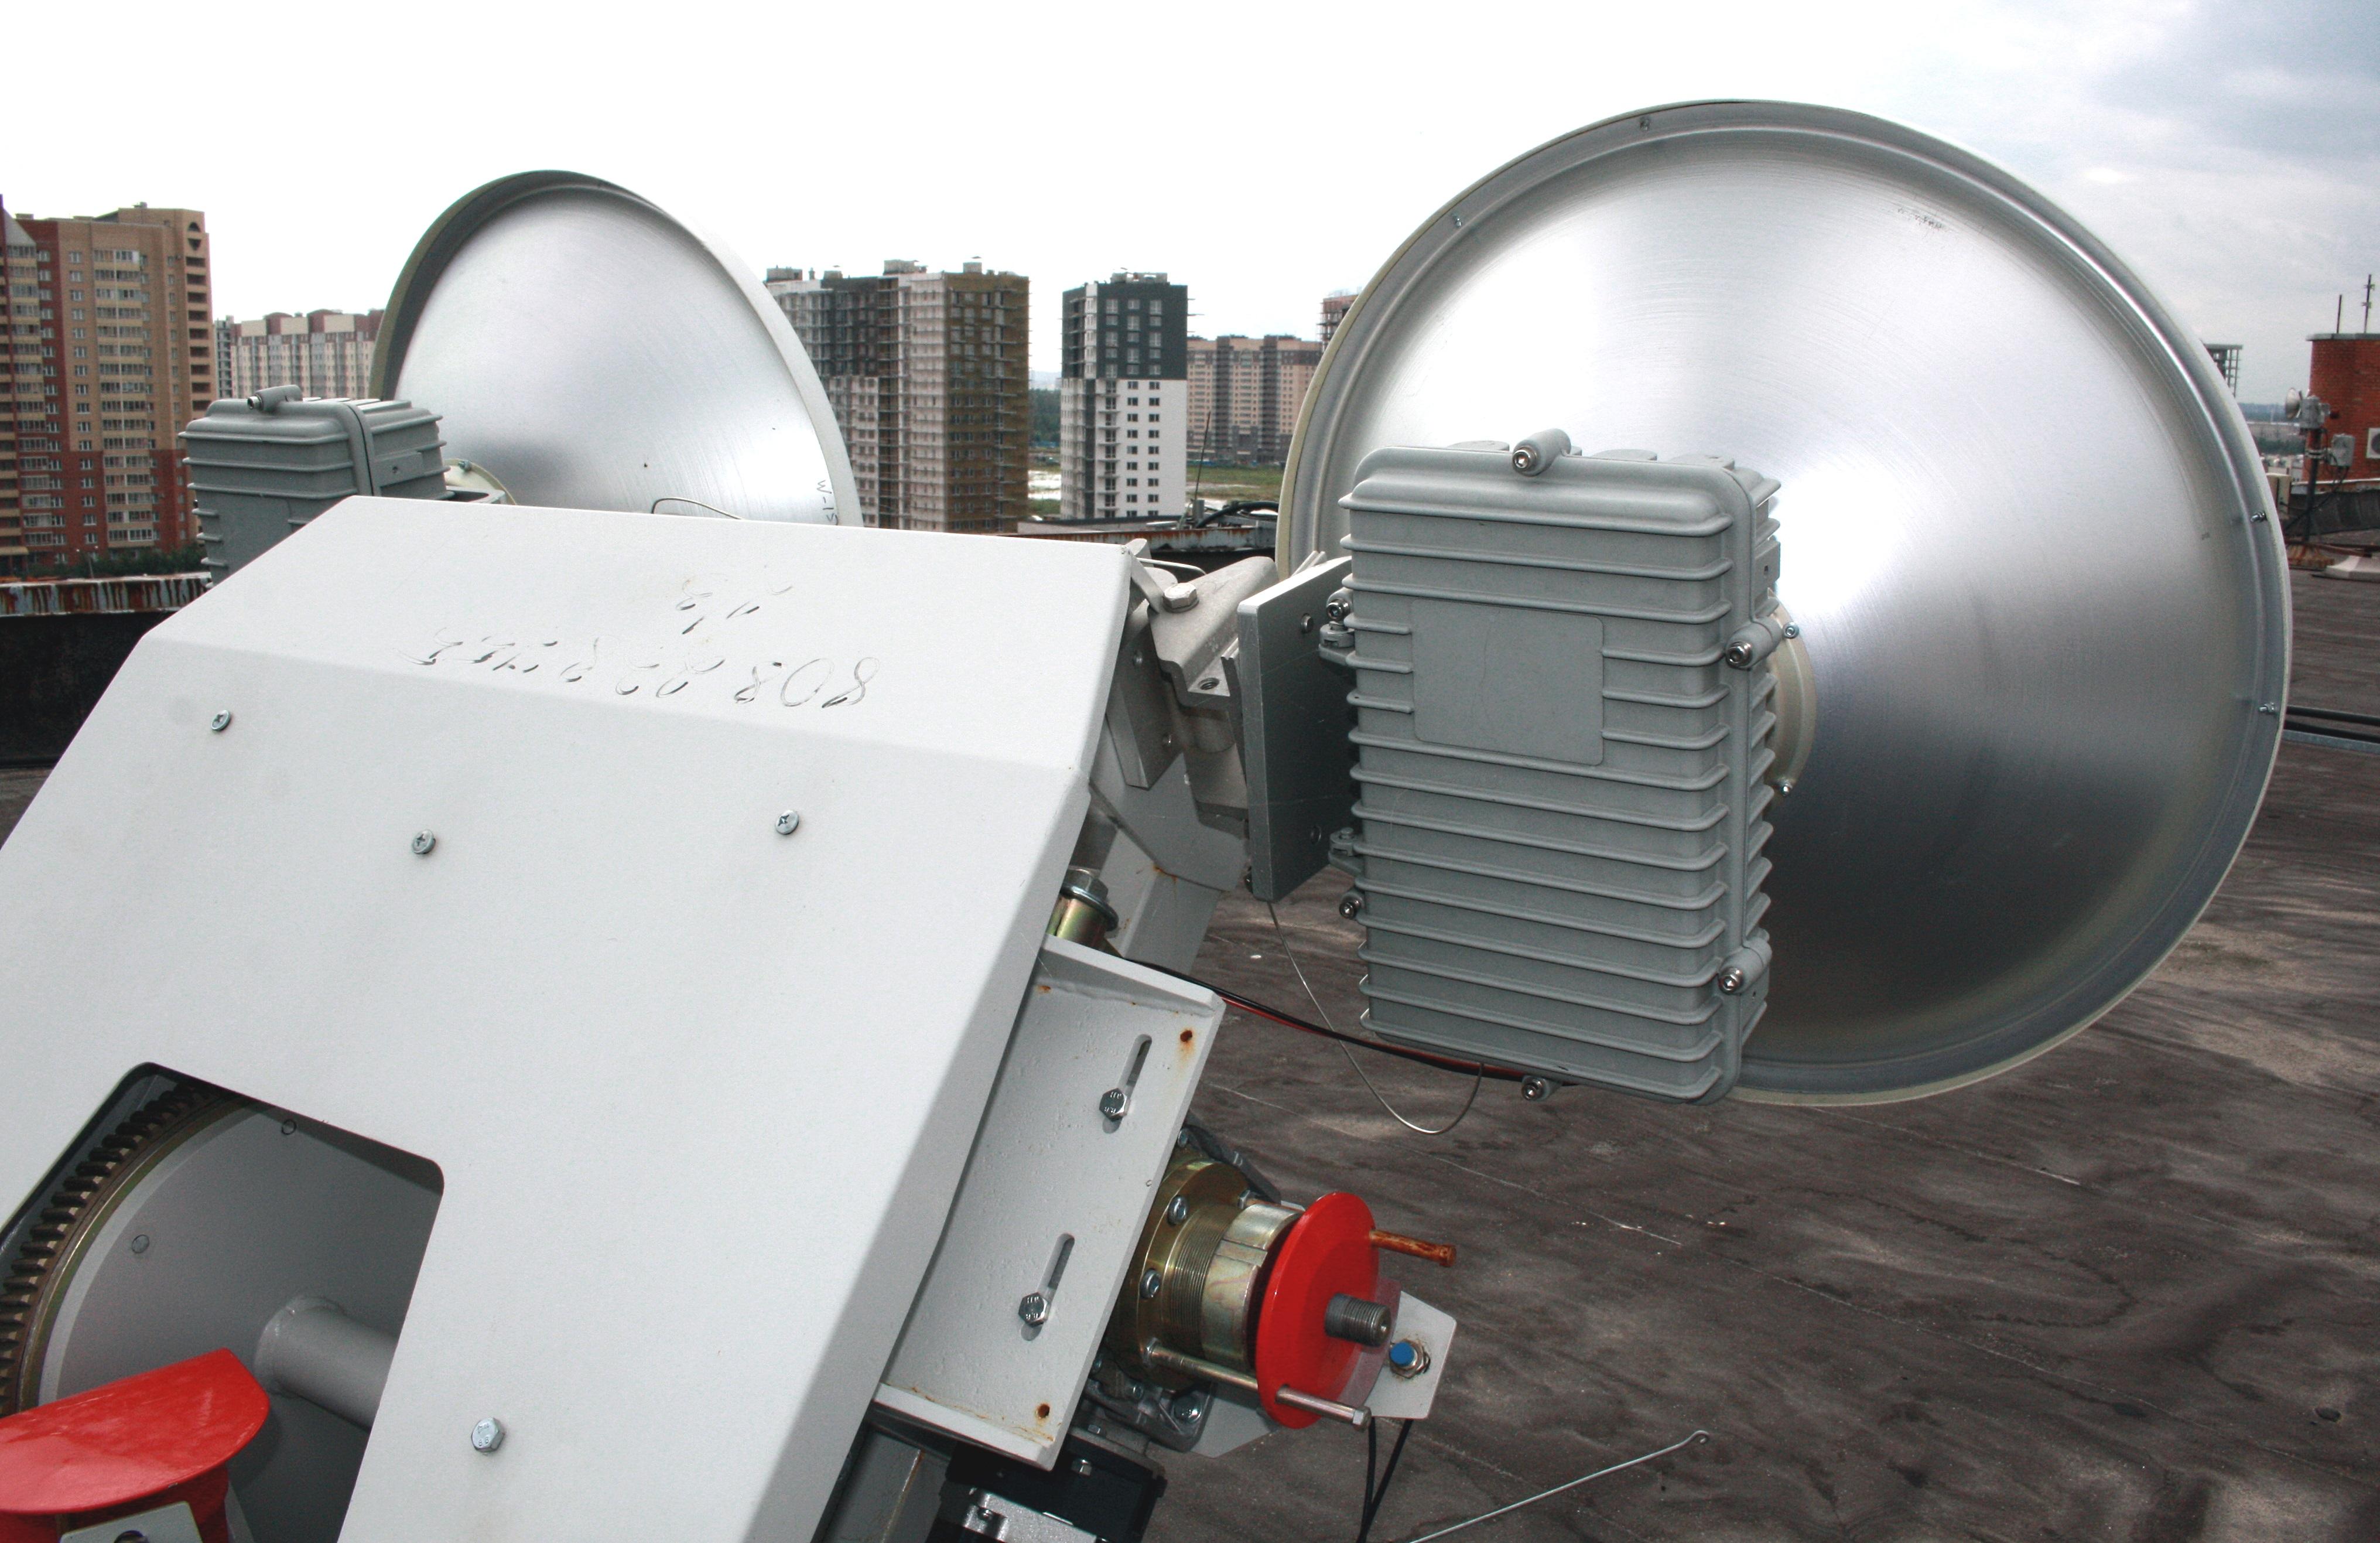 Millimeter Wave FMCW radar for Foreign Object Debris (FOD) Detection